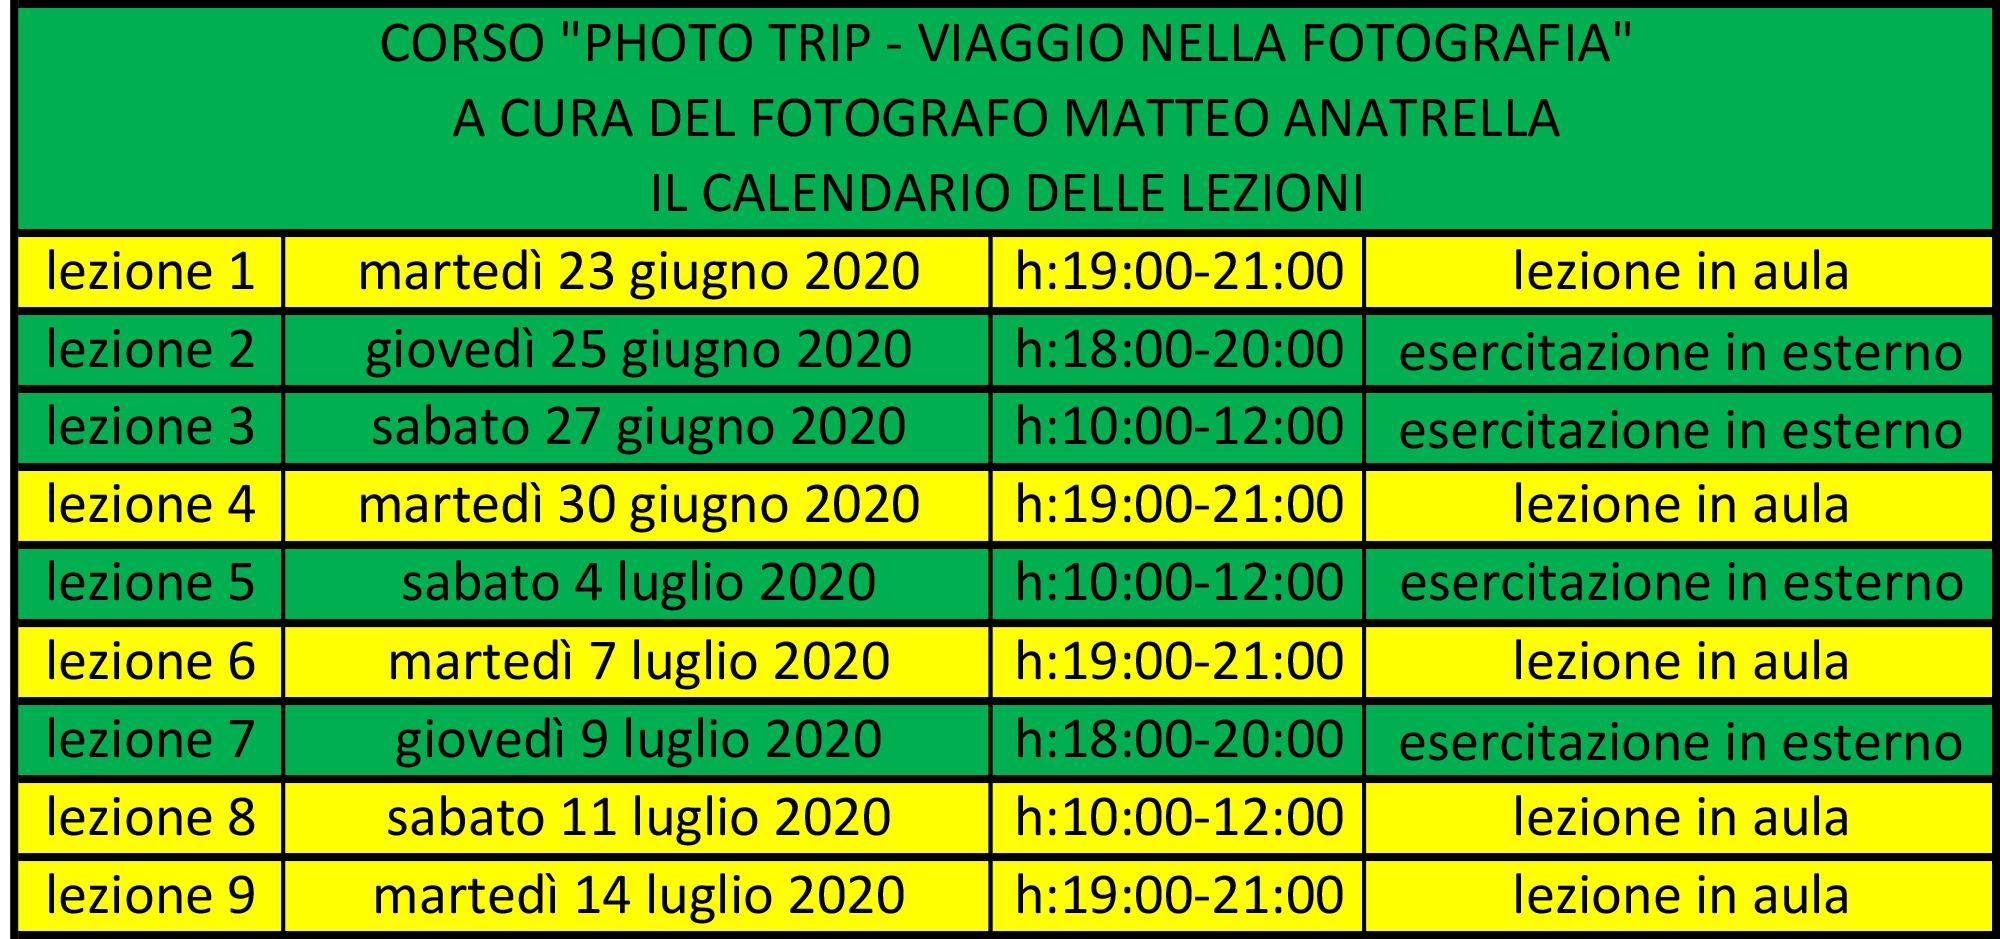 """il calendario delle lezioni del corso """"Photo Trip - viaggio nella fotografia"""""""